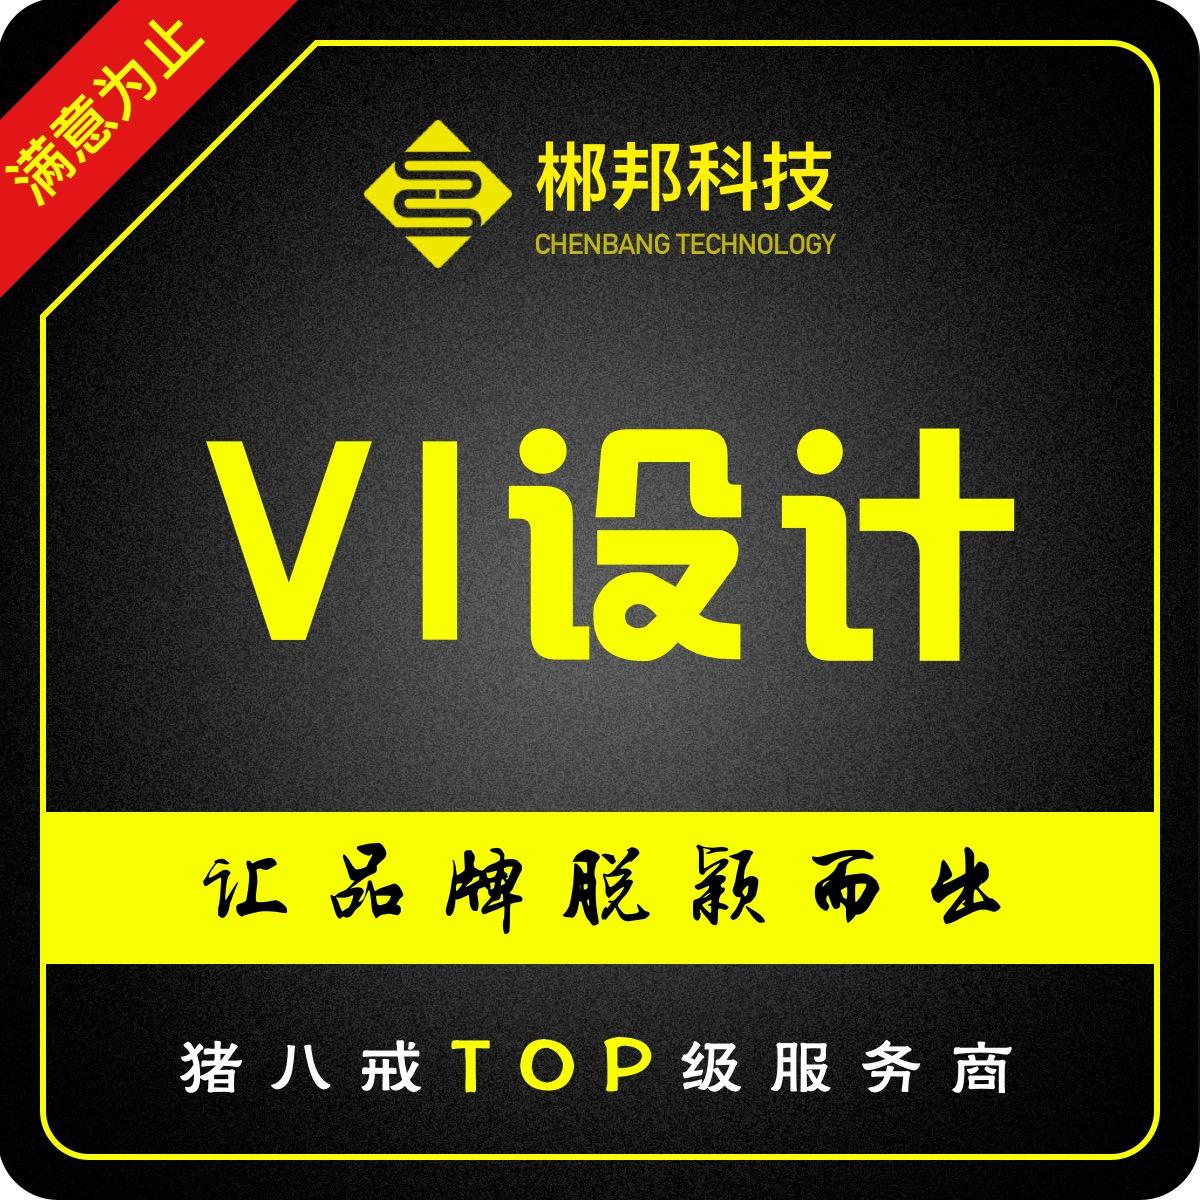 电子家电医院旅游酒店租赁VI设计企业品牌形象logo图片处理